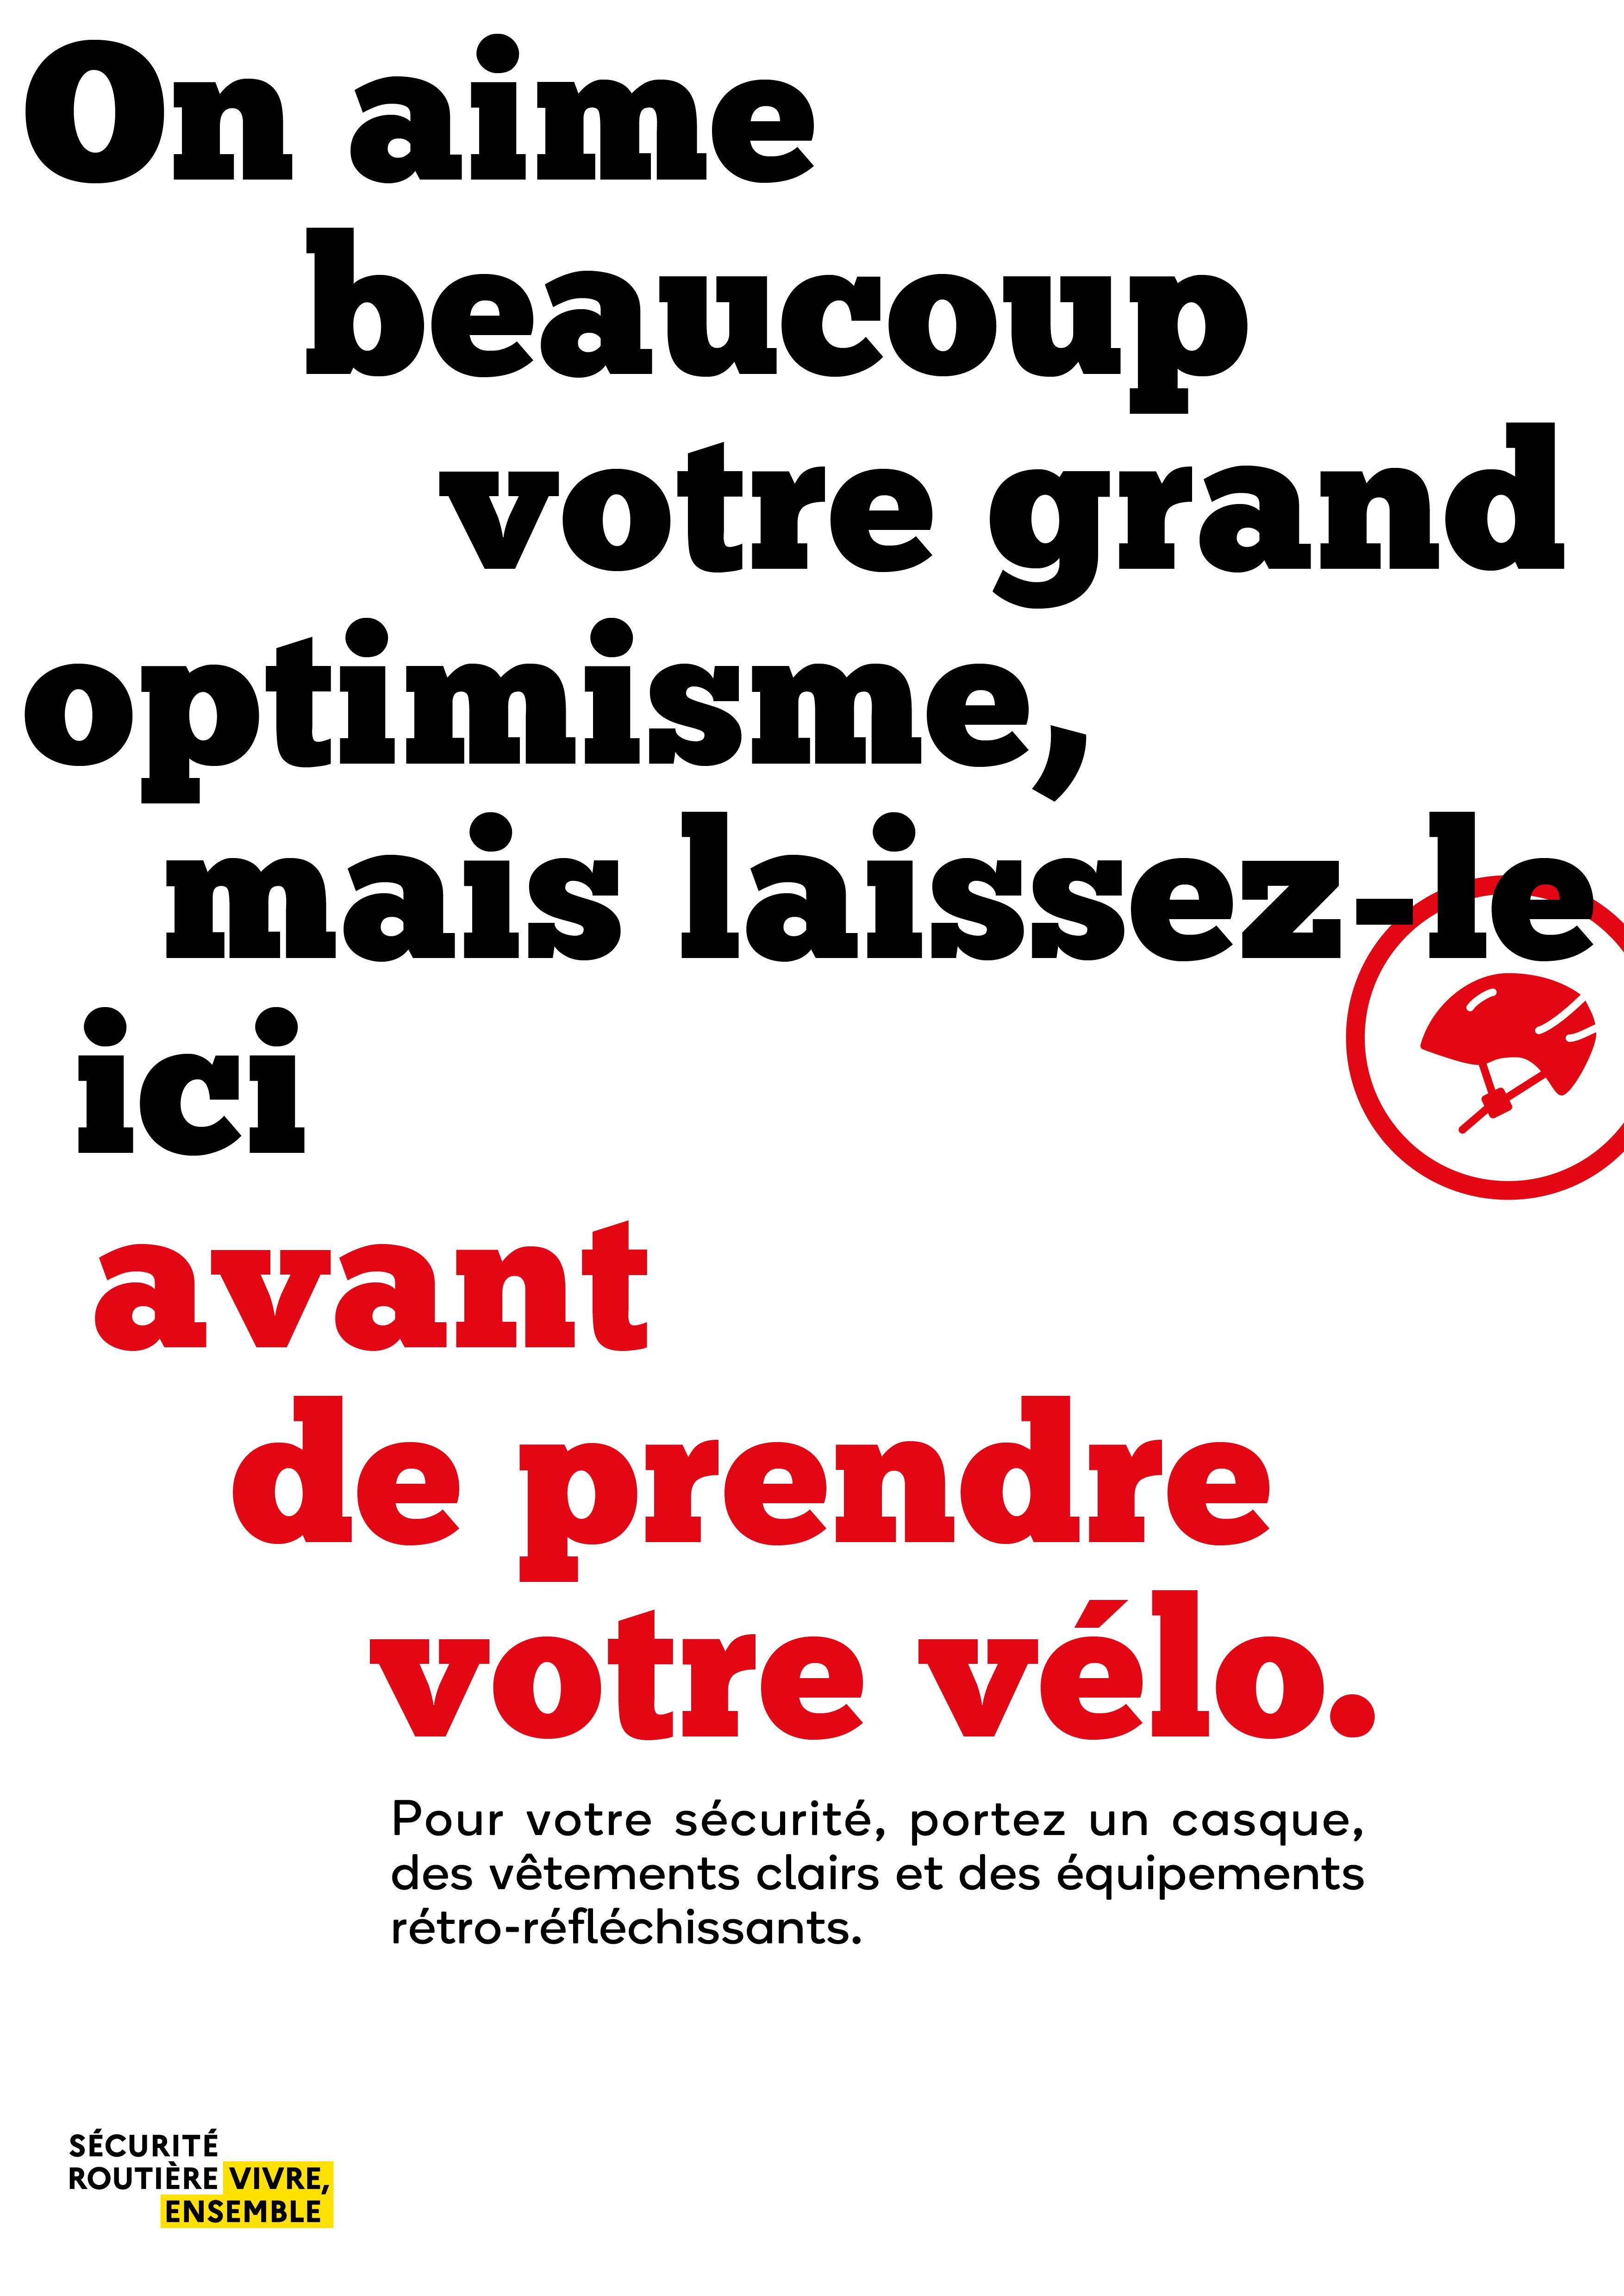 Prints_entreprises_sans logo210